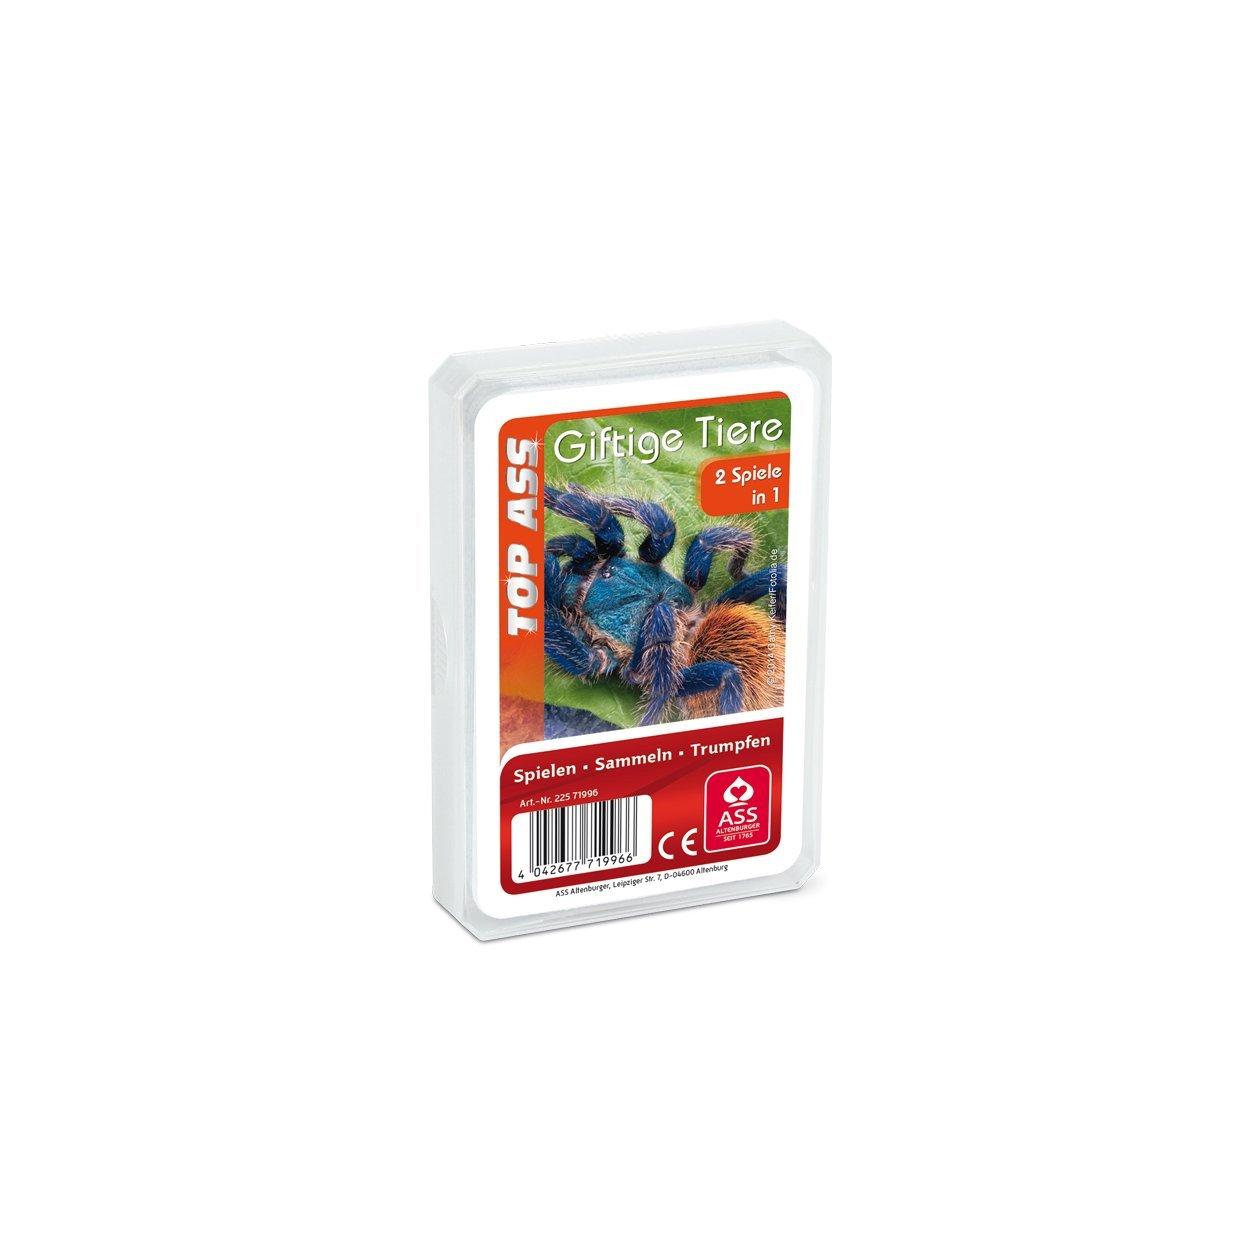 ASS Altenburger 22571996 - TOP ASS Giftige Tiere, Kartenspiel ...